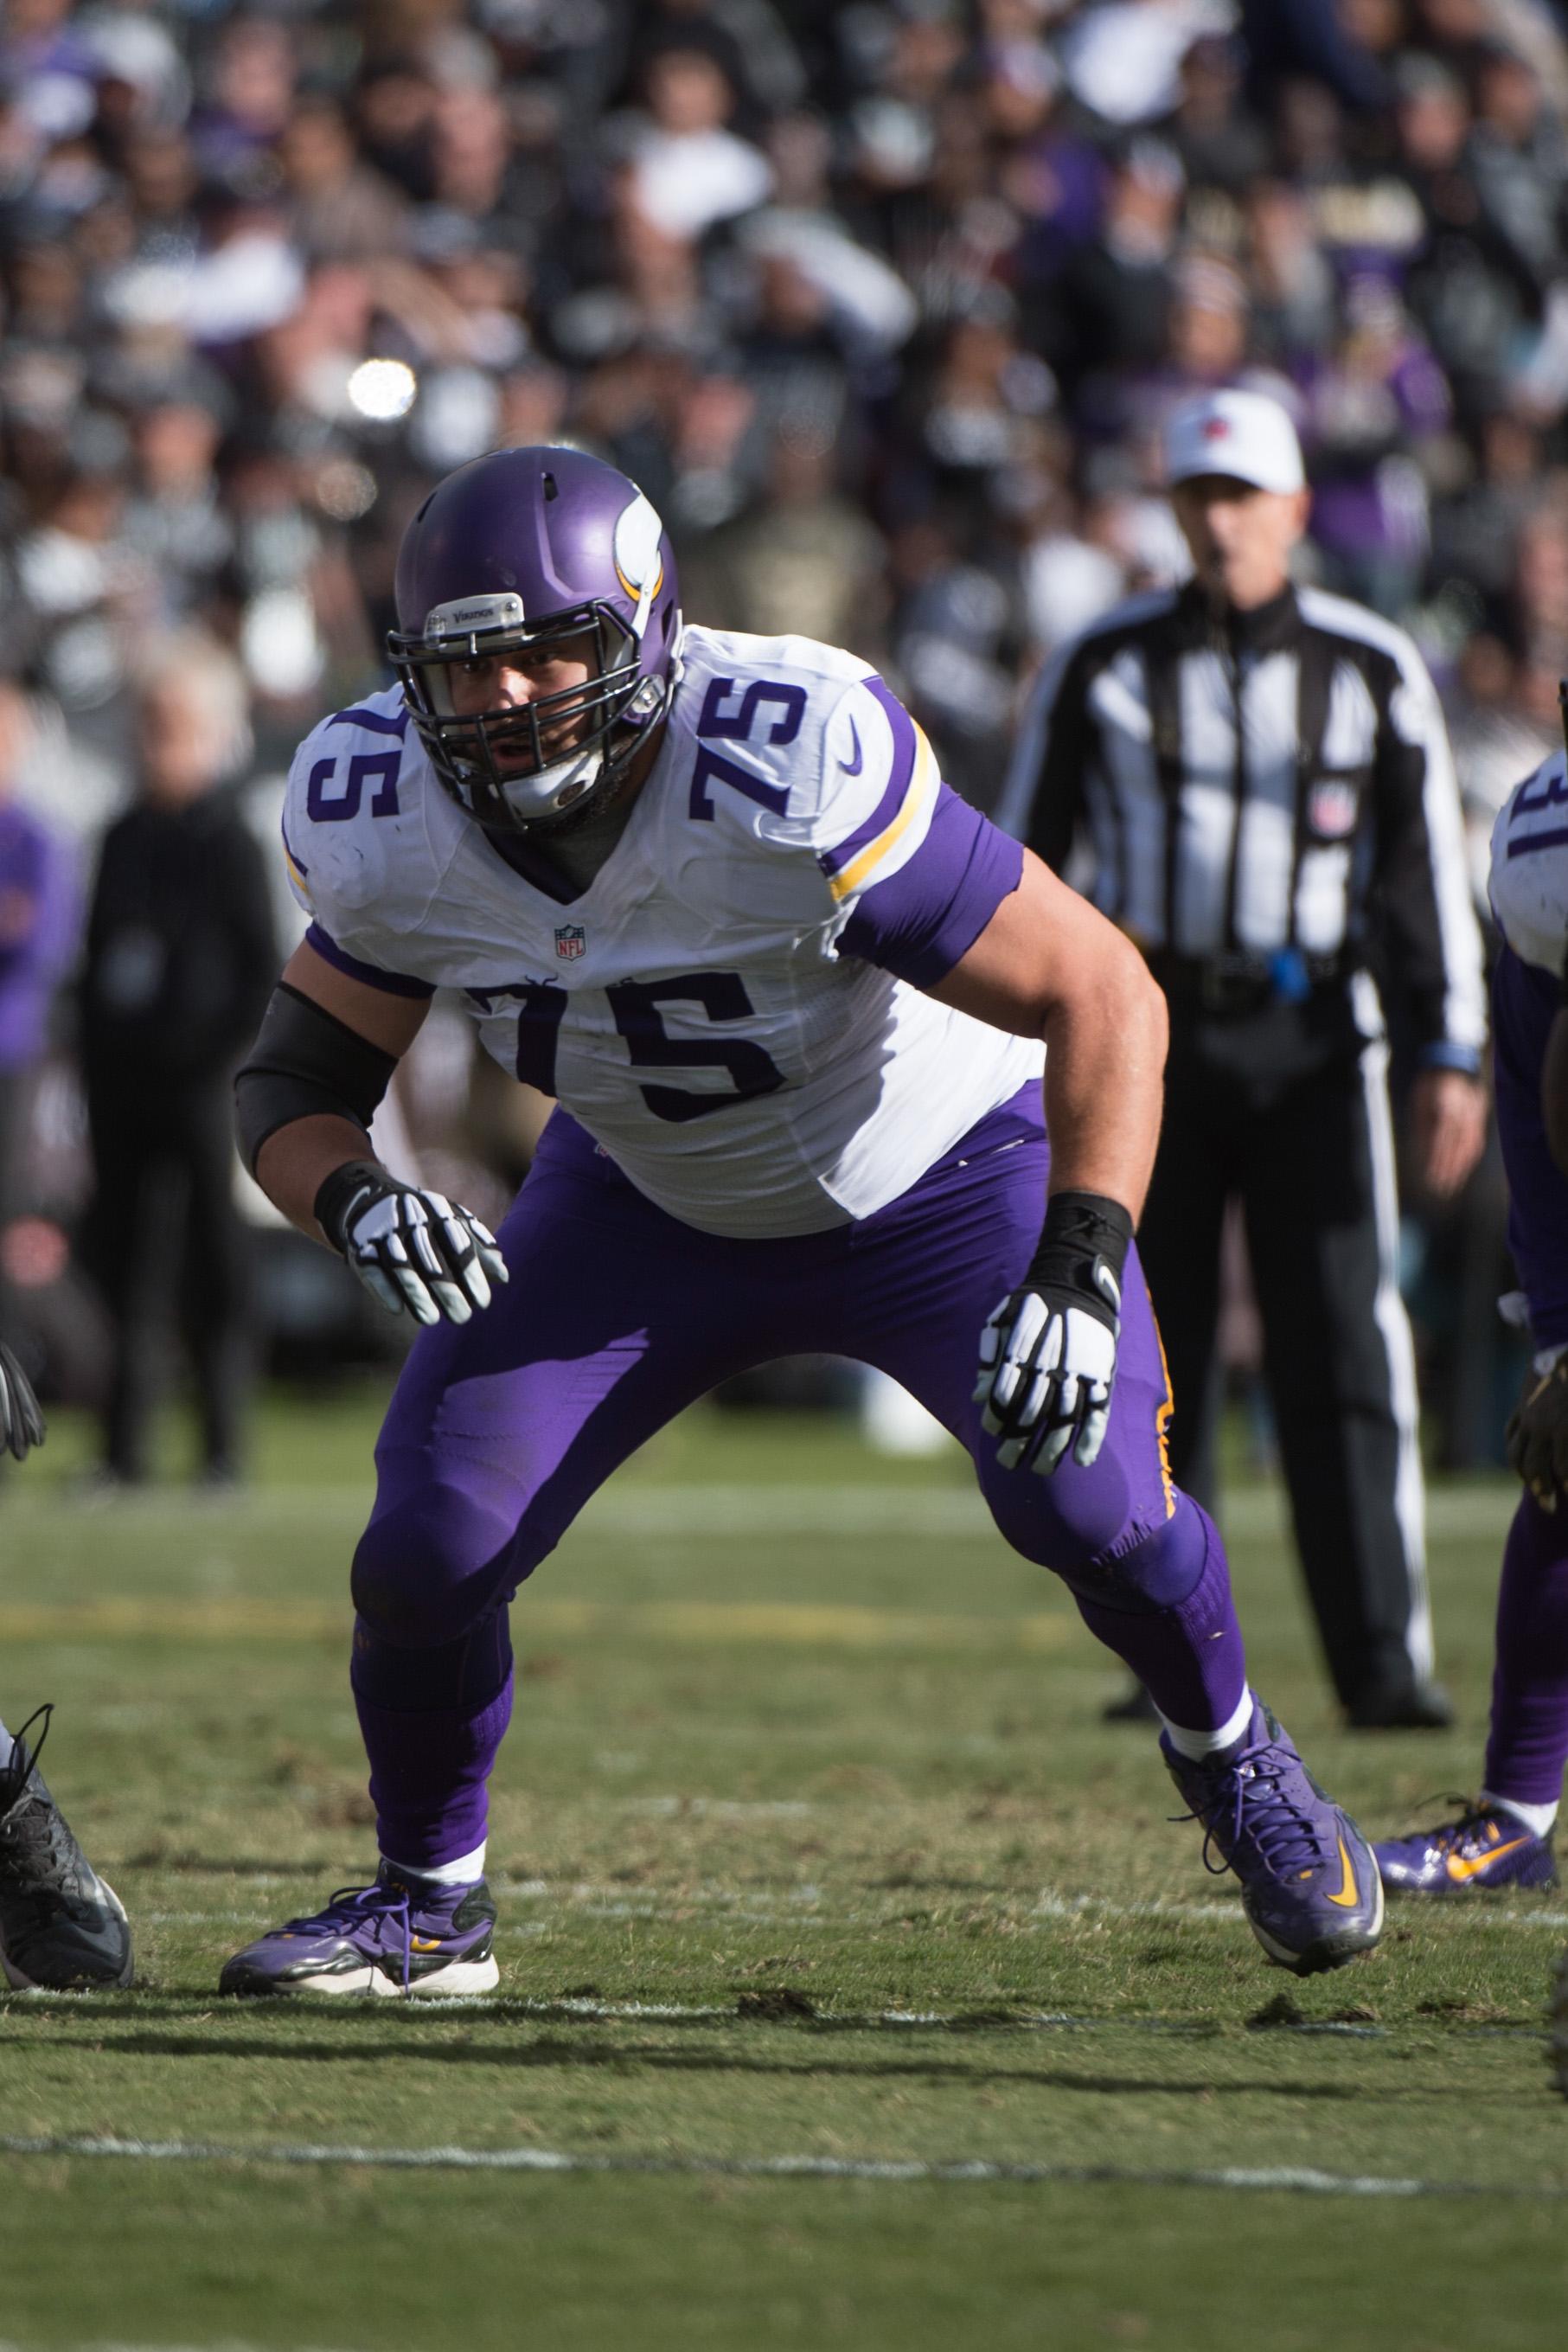 NFL: Minnesota Vikings at Oakland Raiders